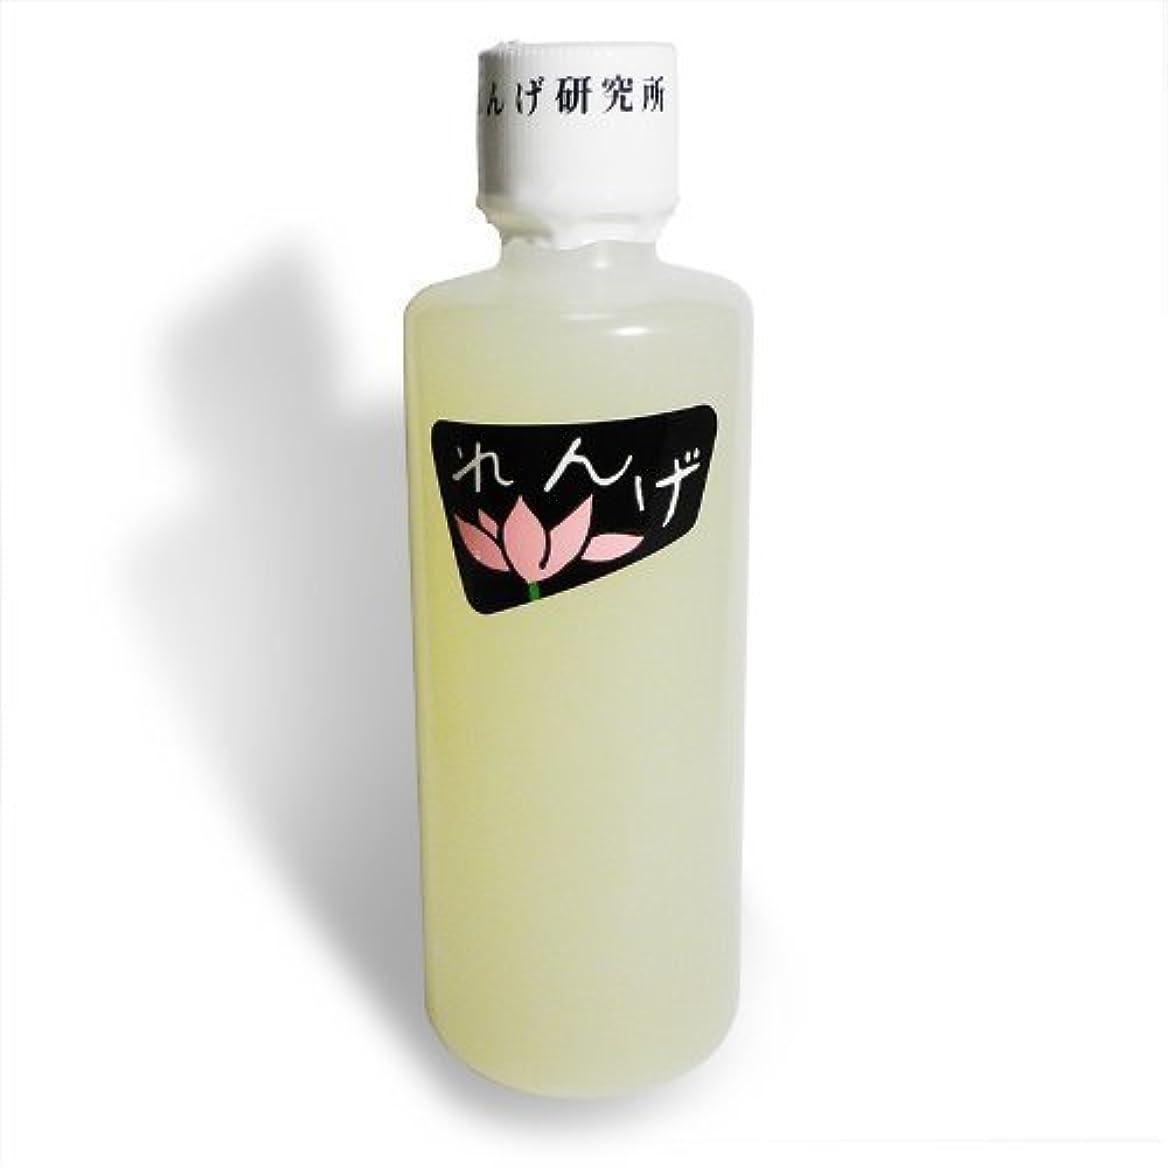 リーン胸子音れんげ研究所 れんげ化粧水 140cc×6本